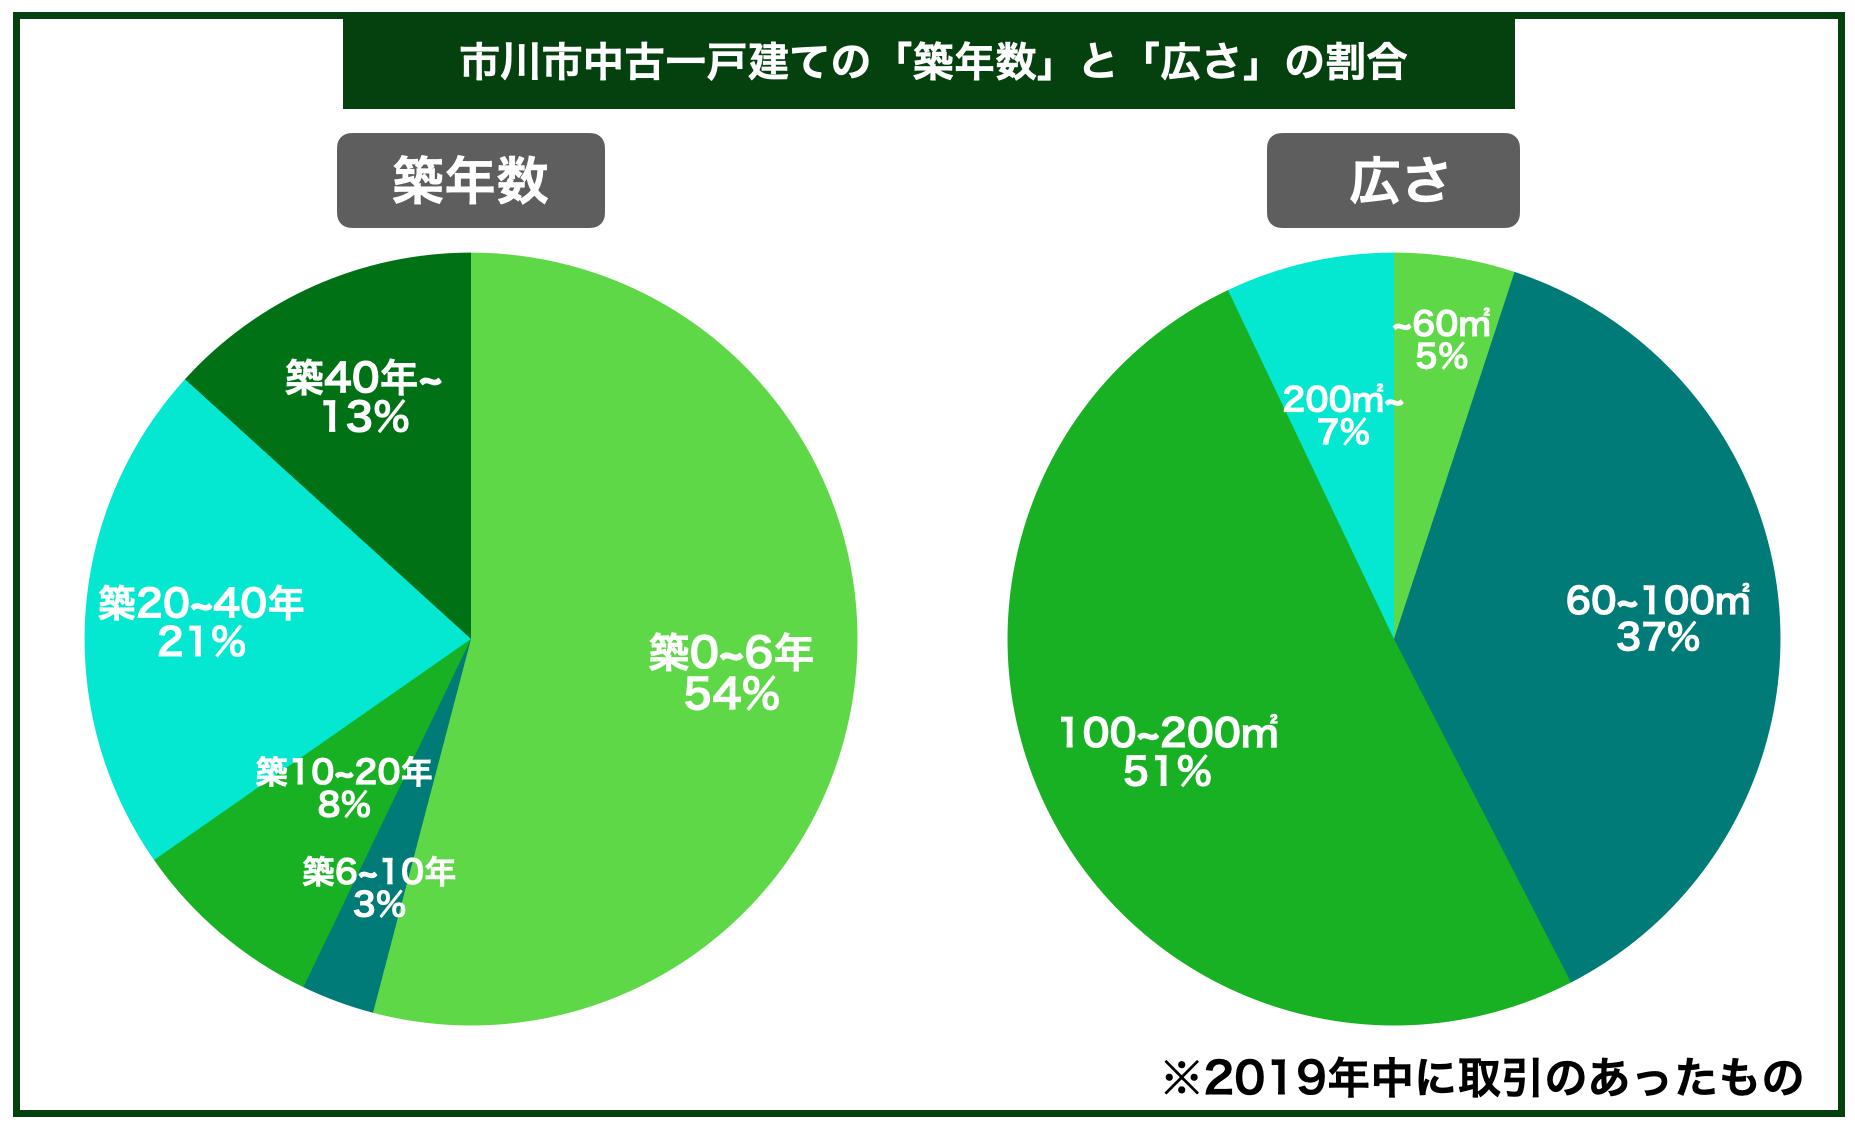 市川市中古一戸建ての平均築年数と広さの割合